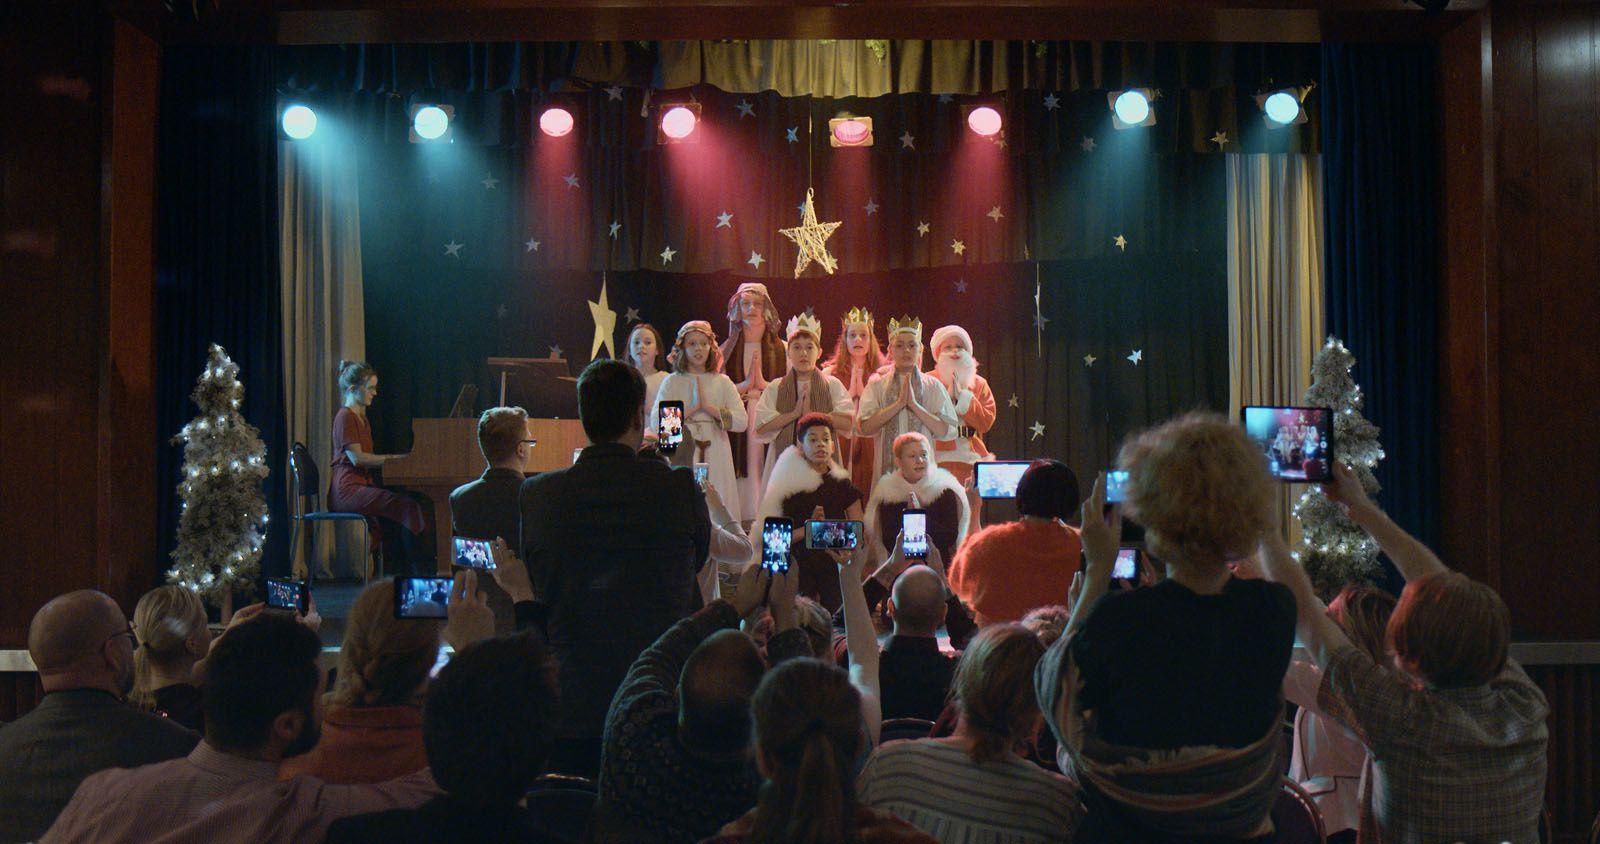 Echo (BANDE-ANNONCE) de Rúnar Rúnarsson - Le 1er janvier 2020 au cinéma